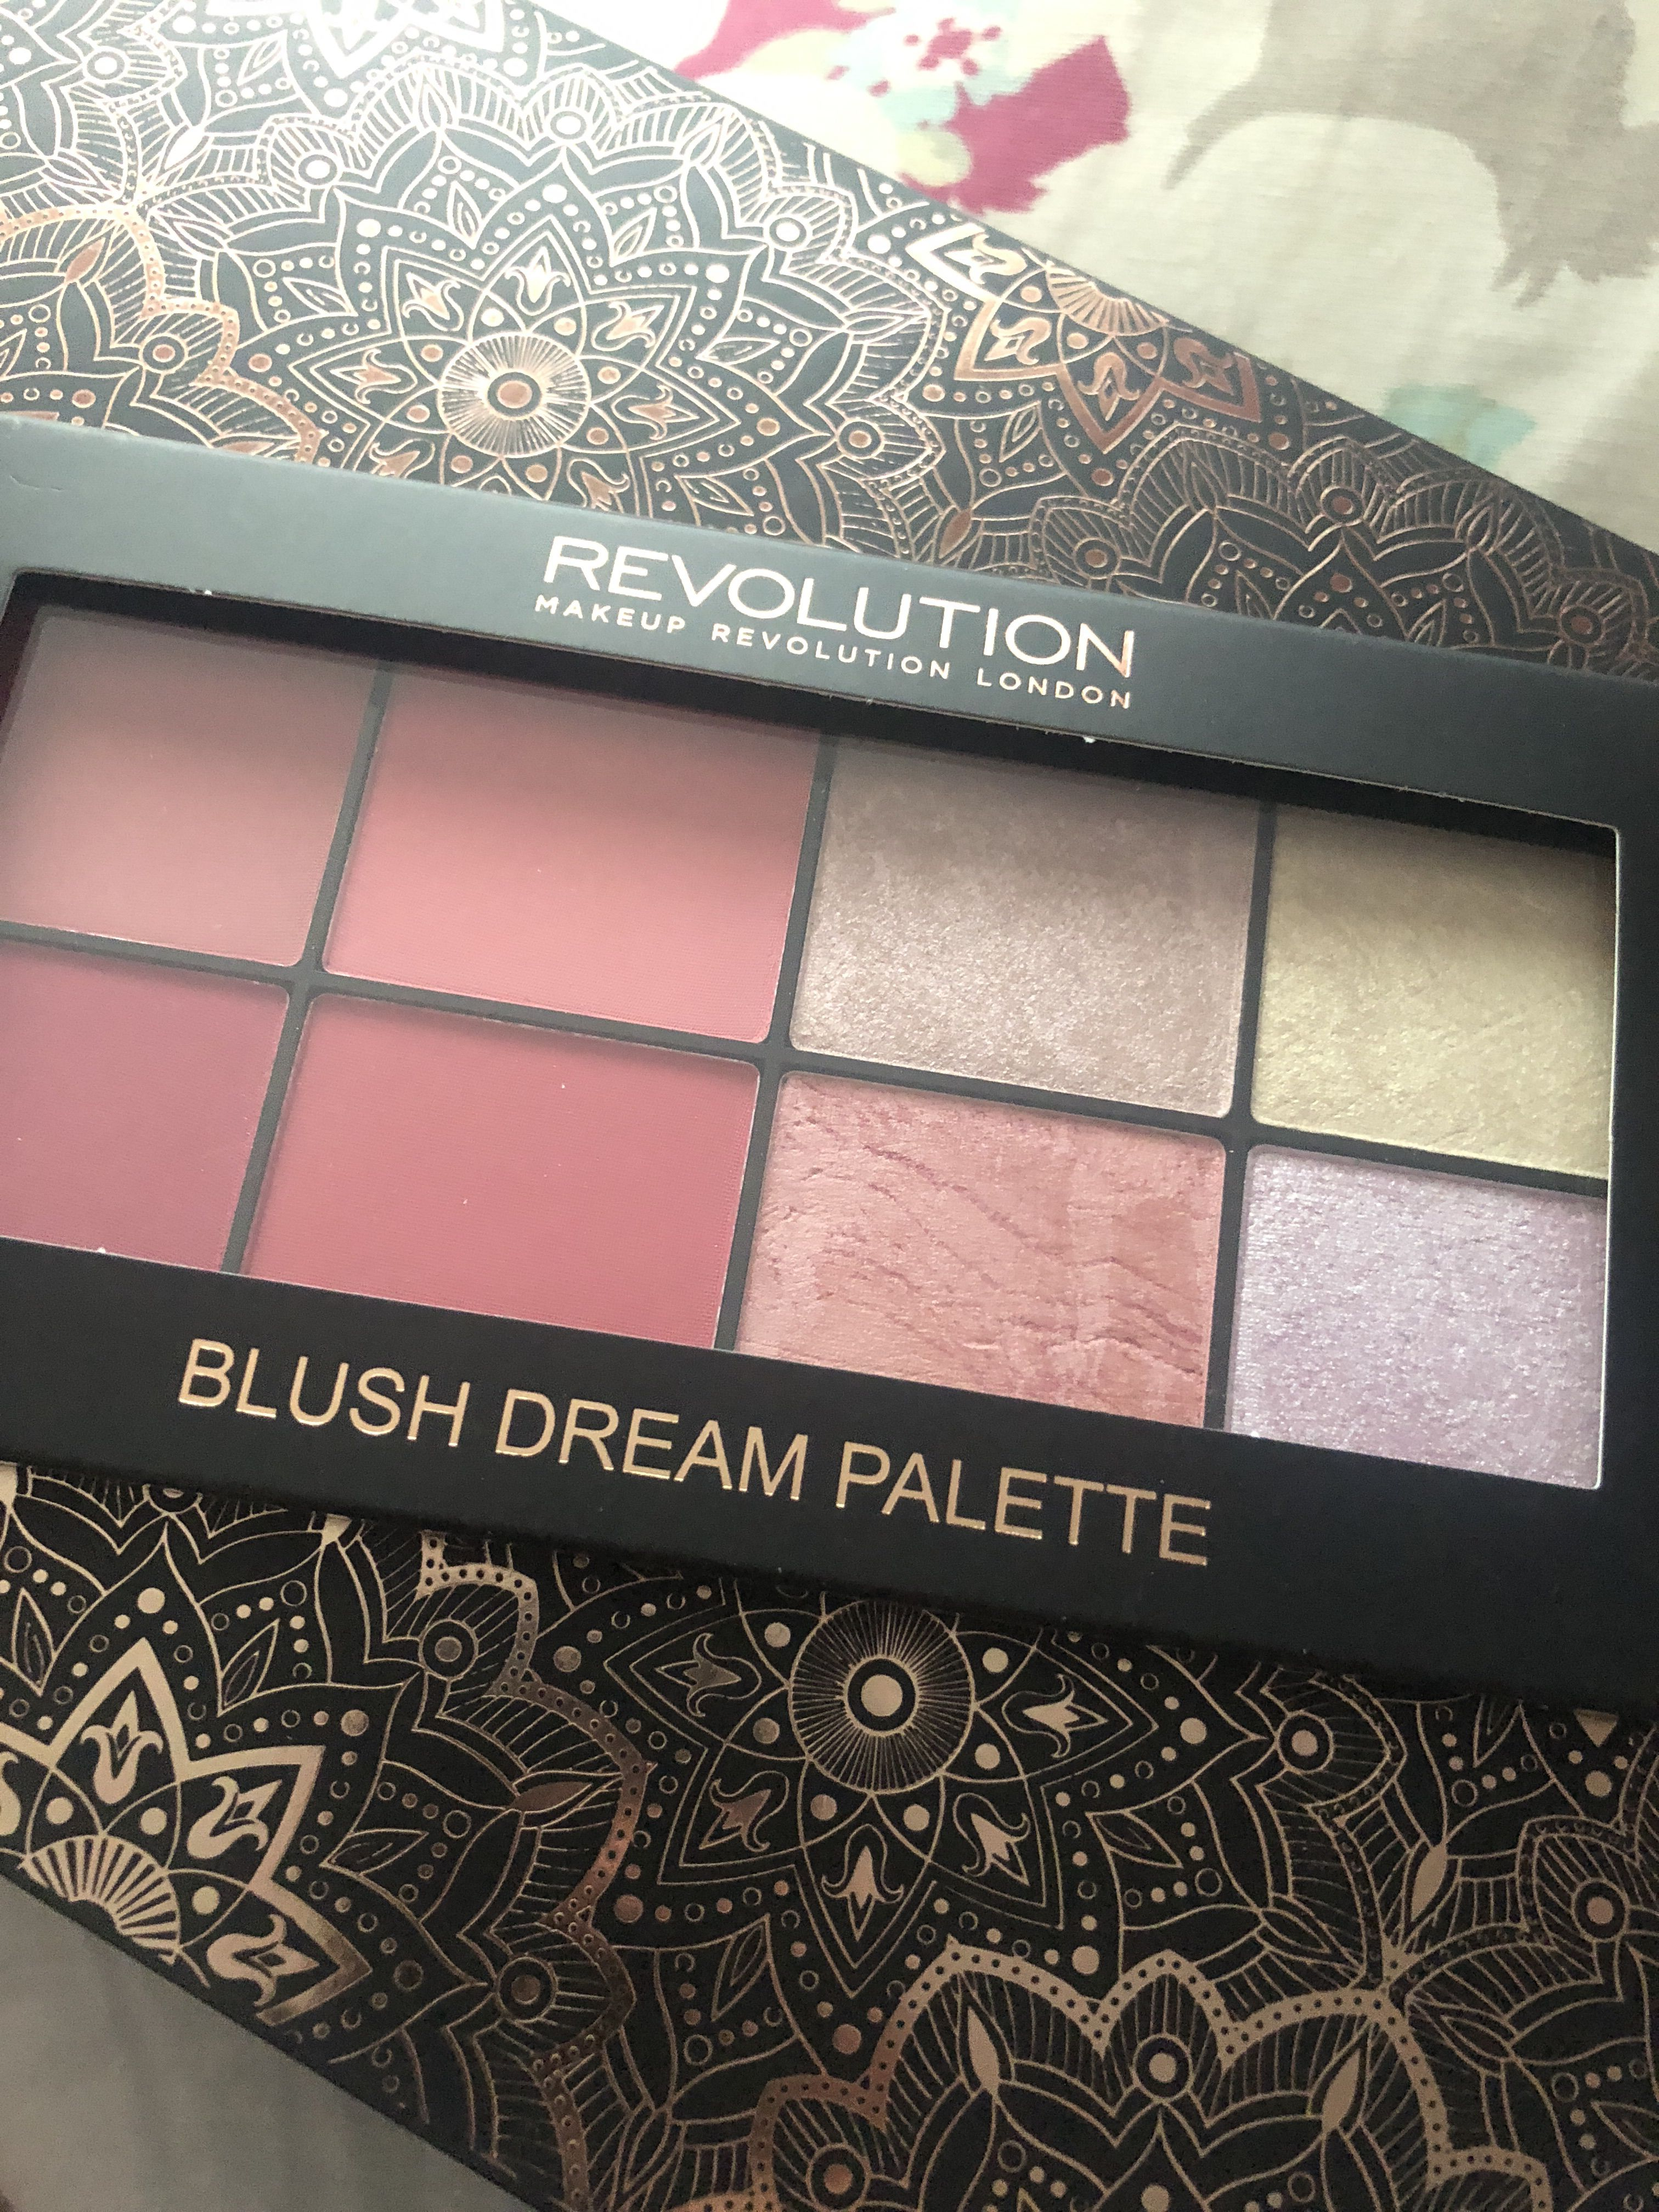 Revolution Brush Dream Palette Makeup revolution